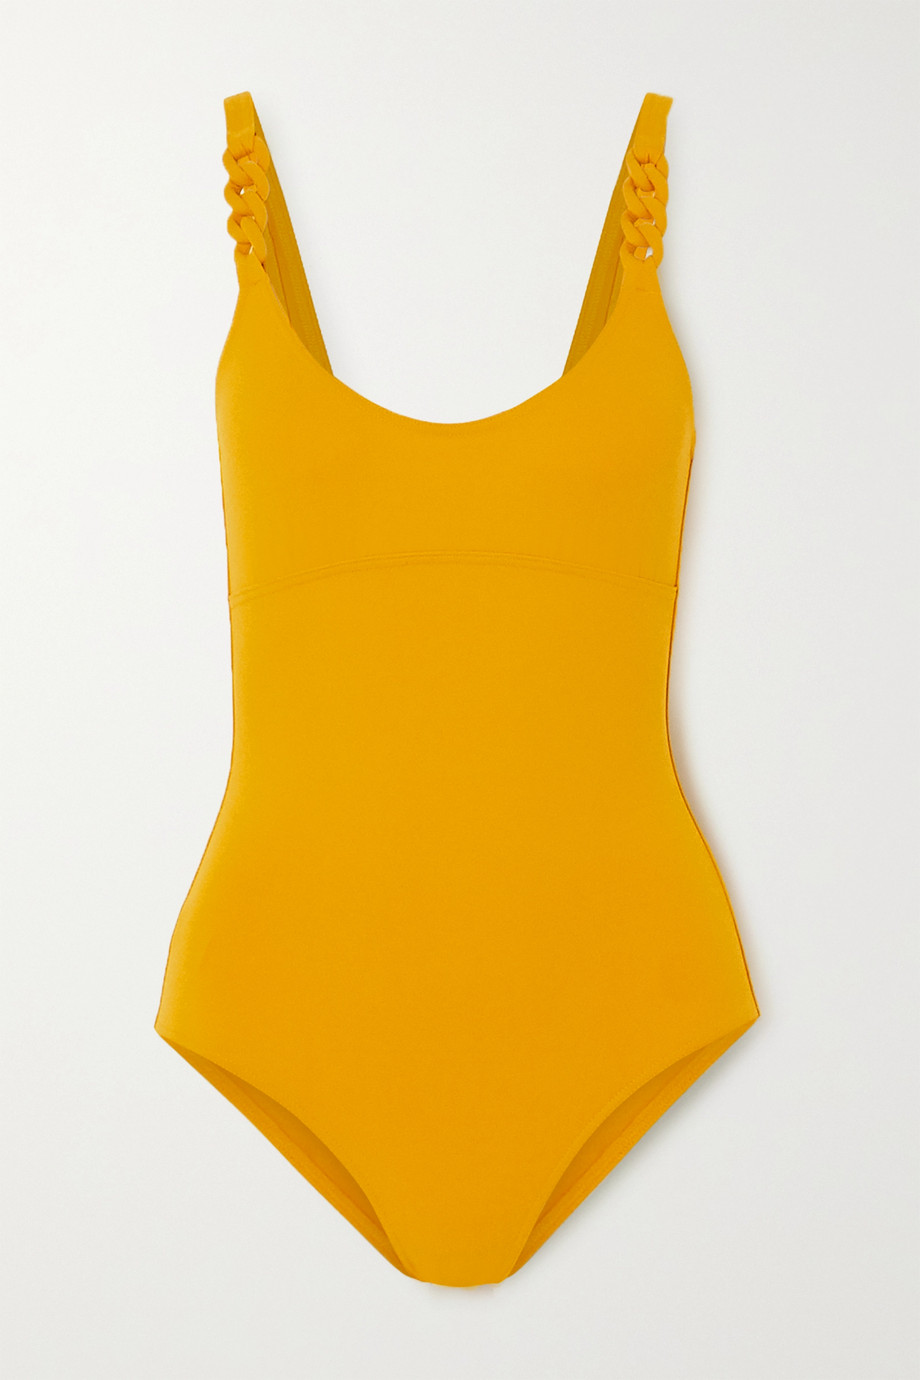 Eres Gourmette Vermeil swimsuit